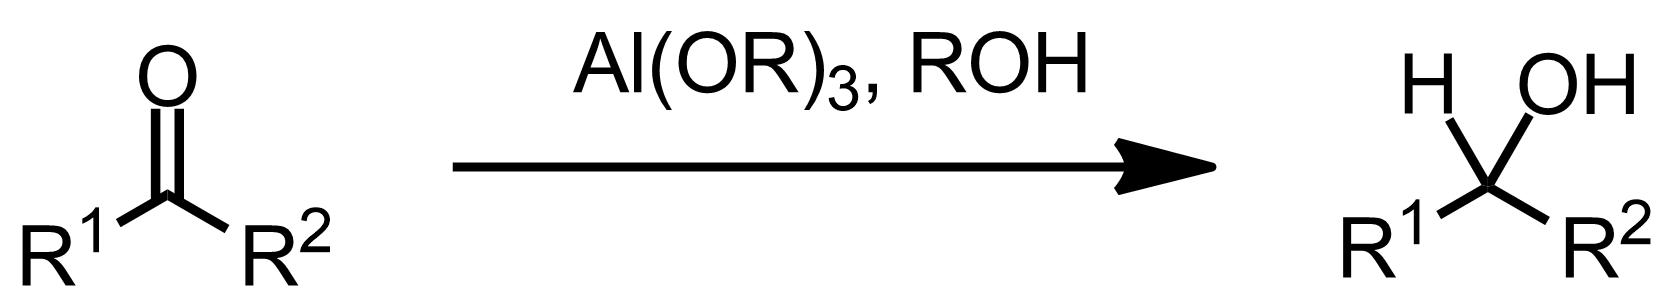 Schematic representation of the Meerwein-Ponndorf-Verley Reduction.